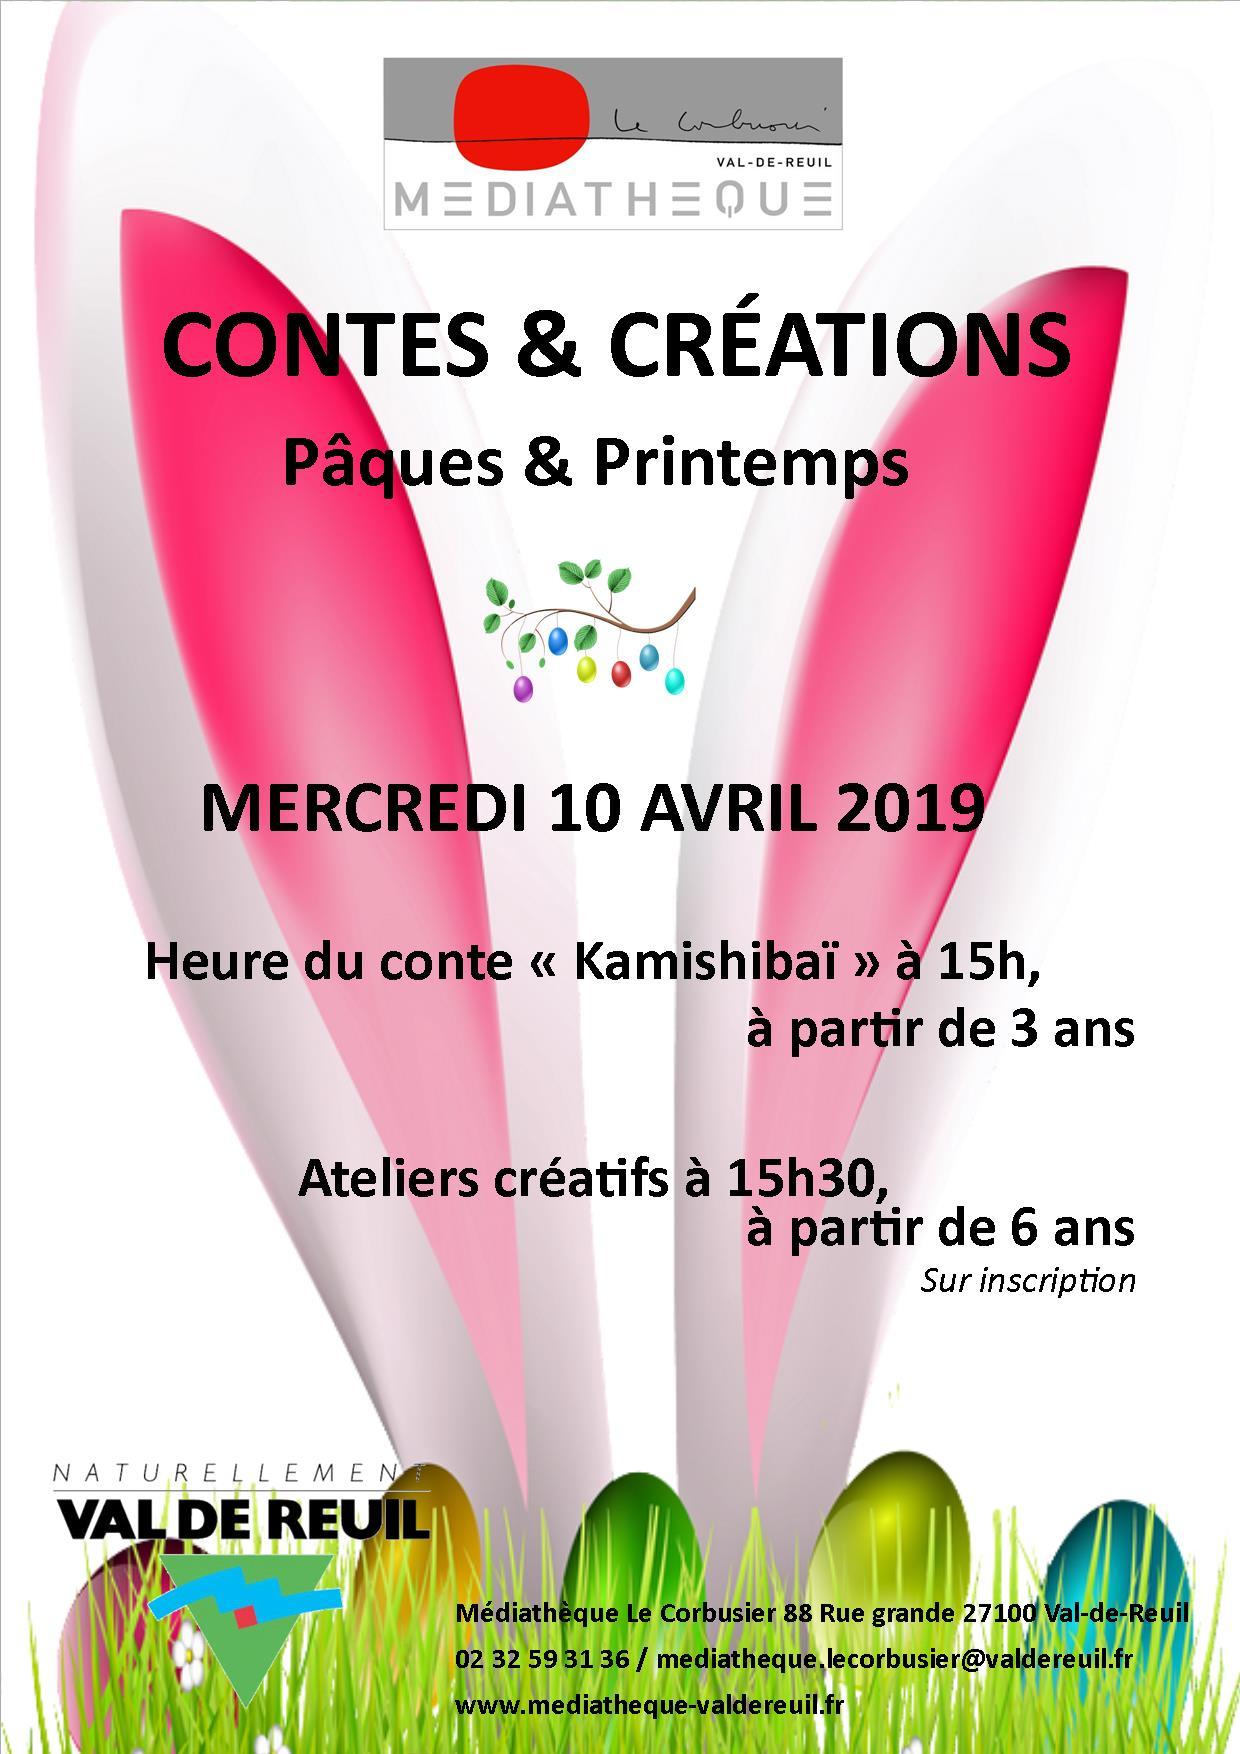 Contes de Pâques et de Printemps et atelier créatif